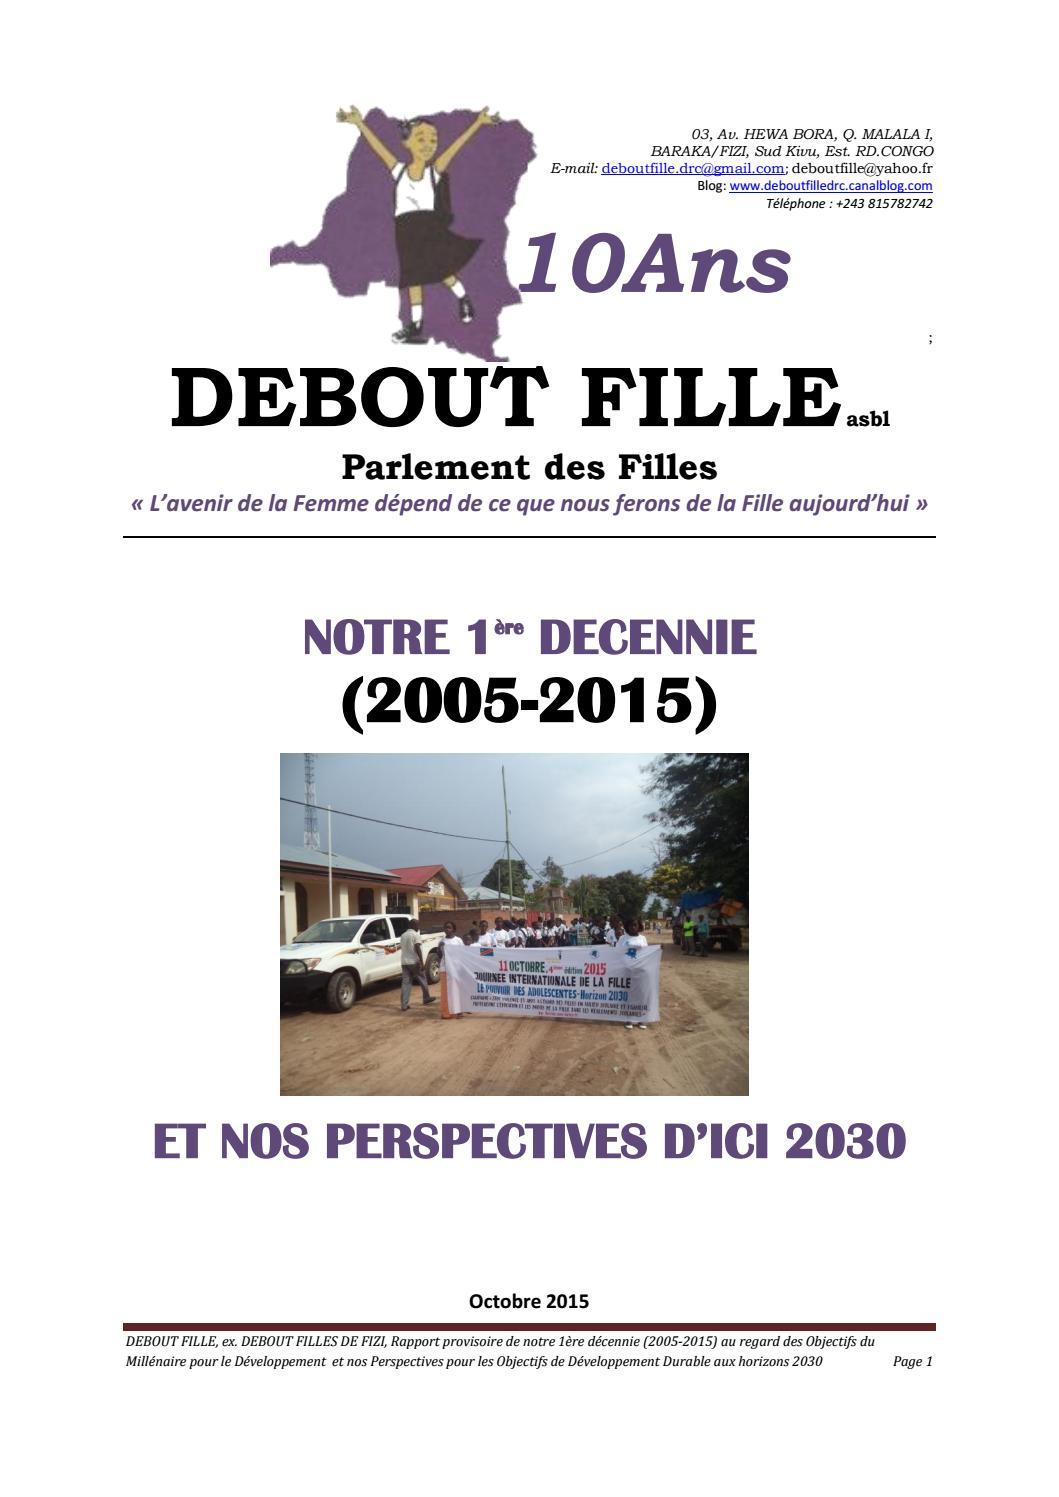 Chronologie de la République démocratique du Congo / Zaïre (1960-1997)